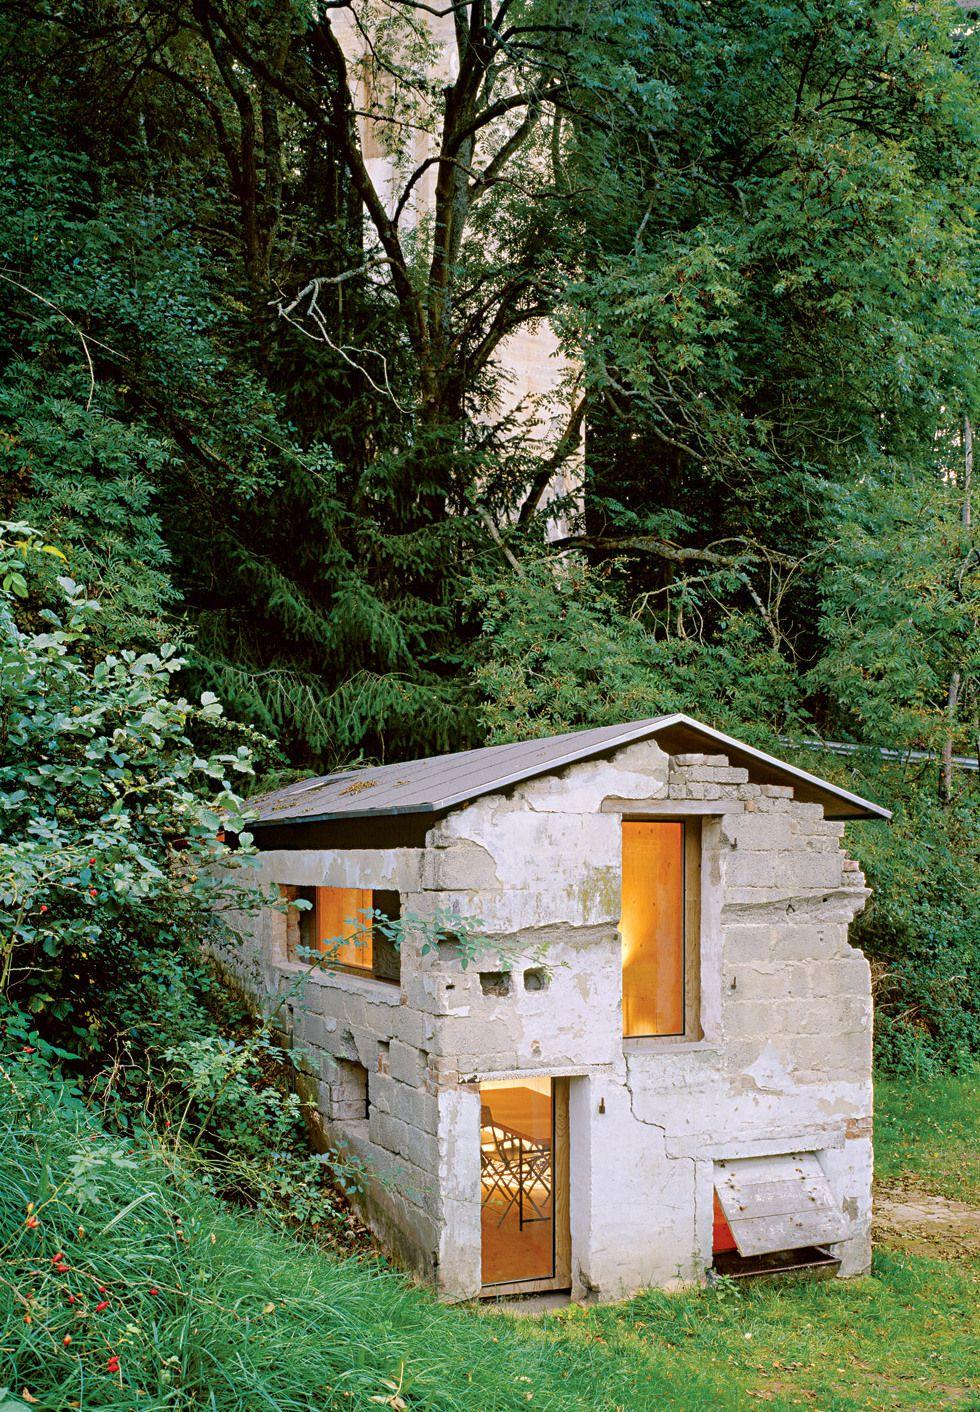 La casa nella casa promo legno a cabin someplace for Architettura interni case